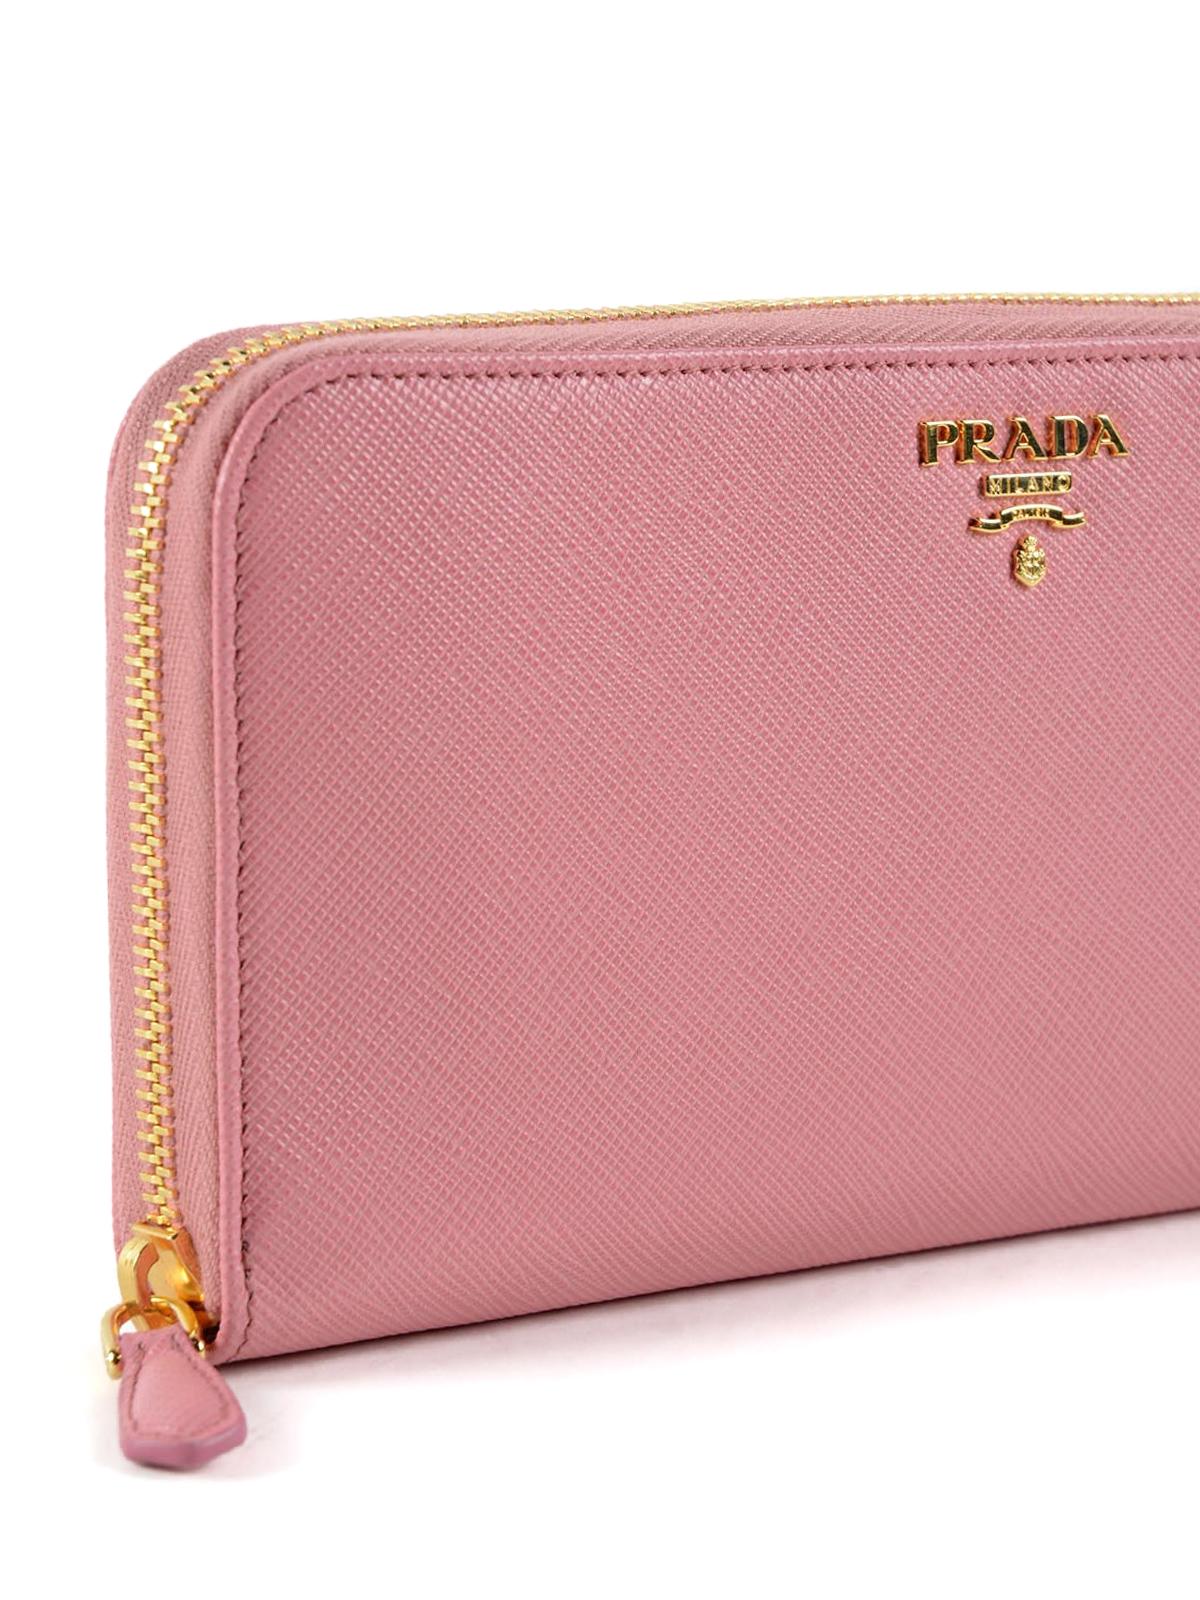 c5598b2a977e2 Prada - Portemonnaie Fur Damen - Pink - Portemonnaies und Geldbörsen ...